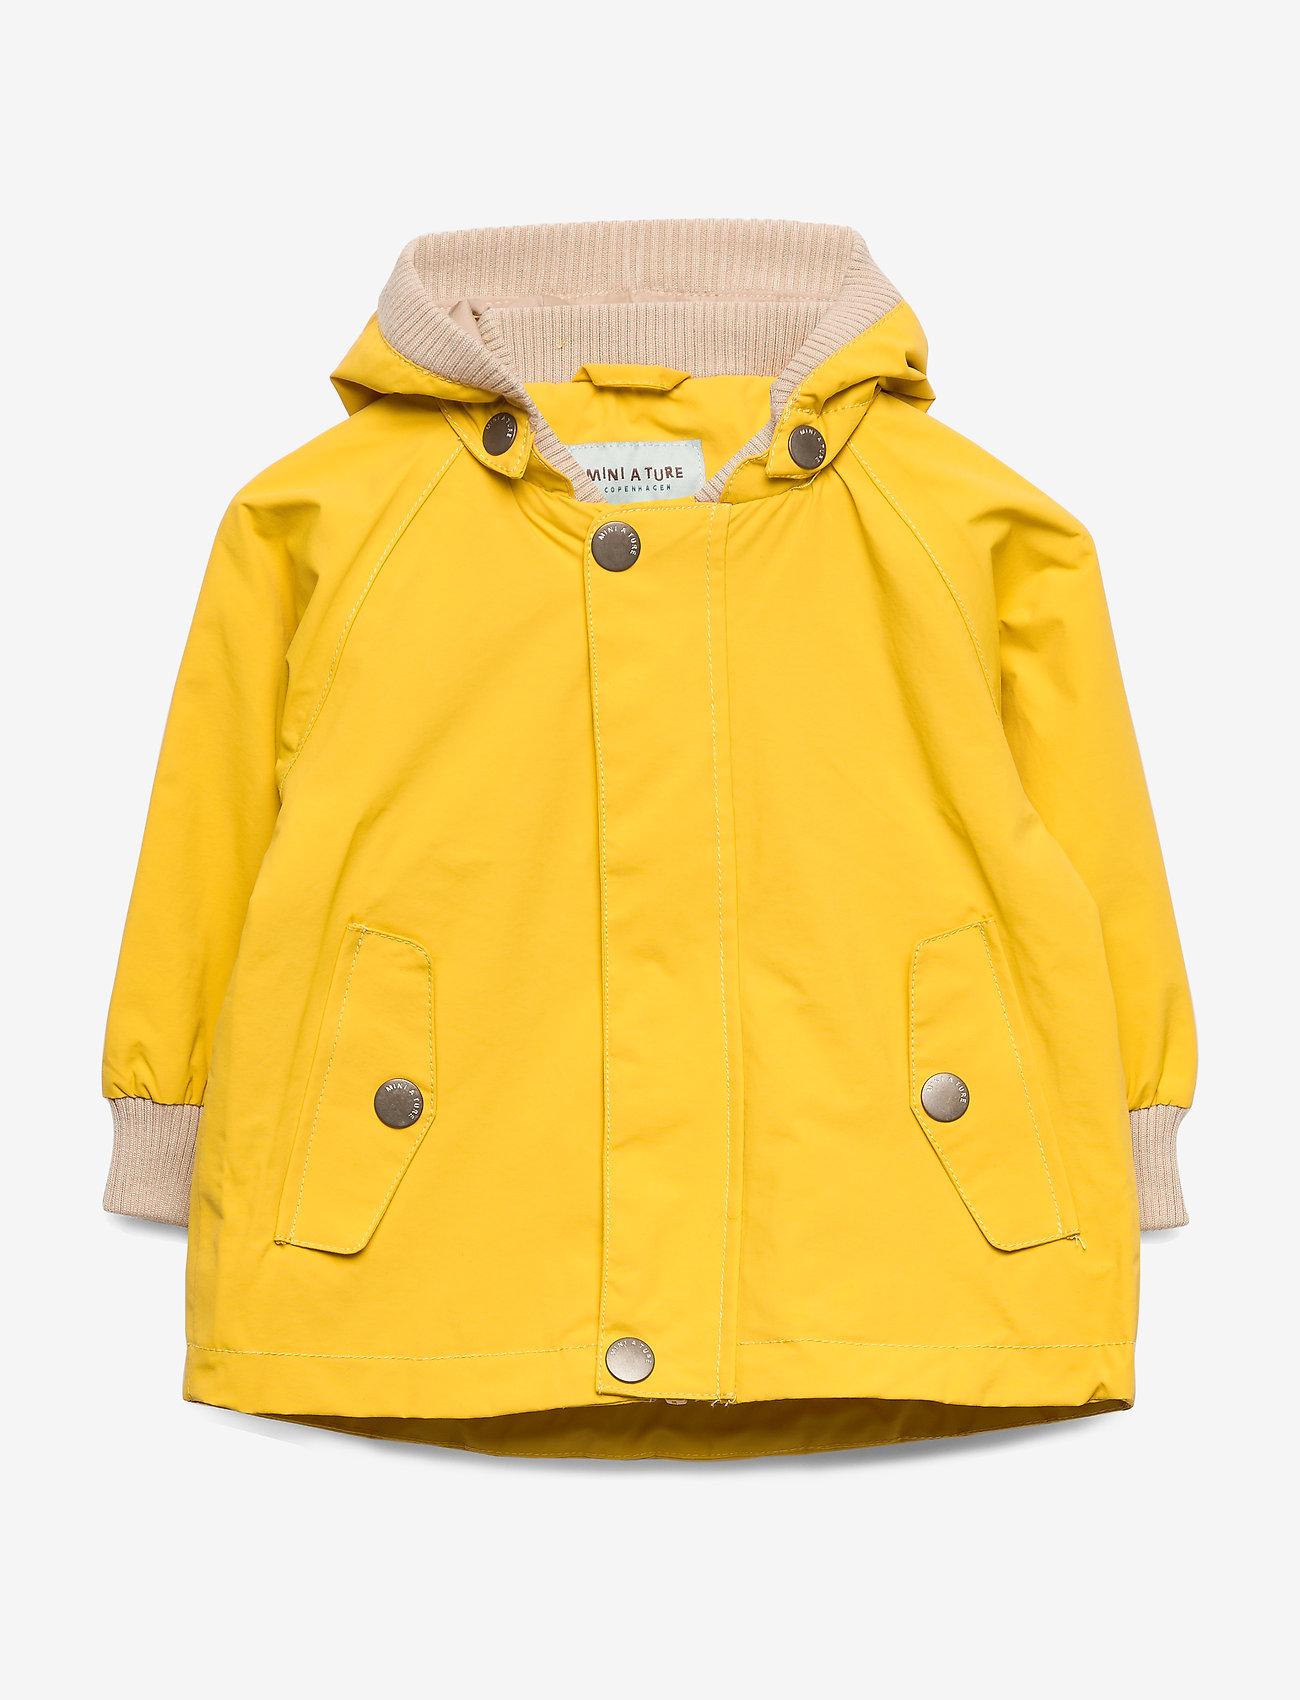 Mini A Ture - Wally Jacket, M - jassen - bamboo yellow - 0